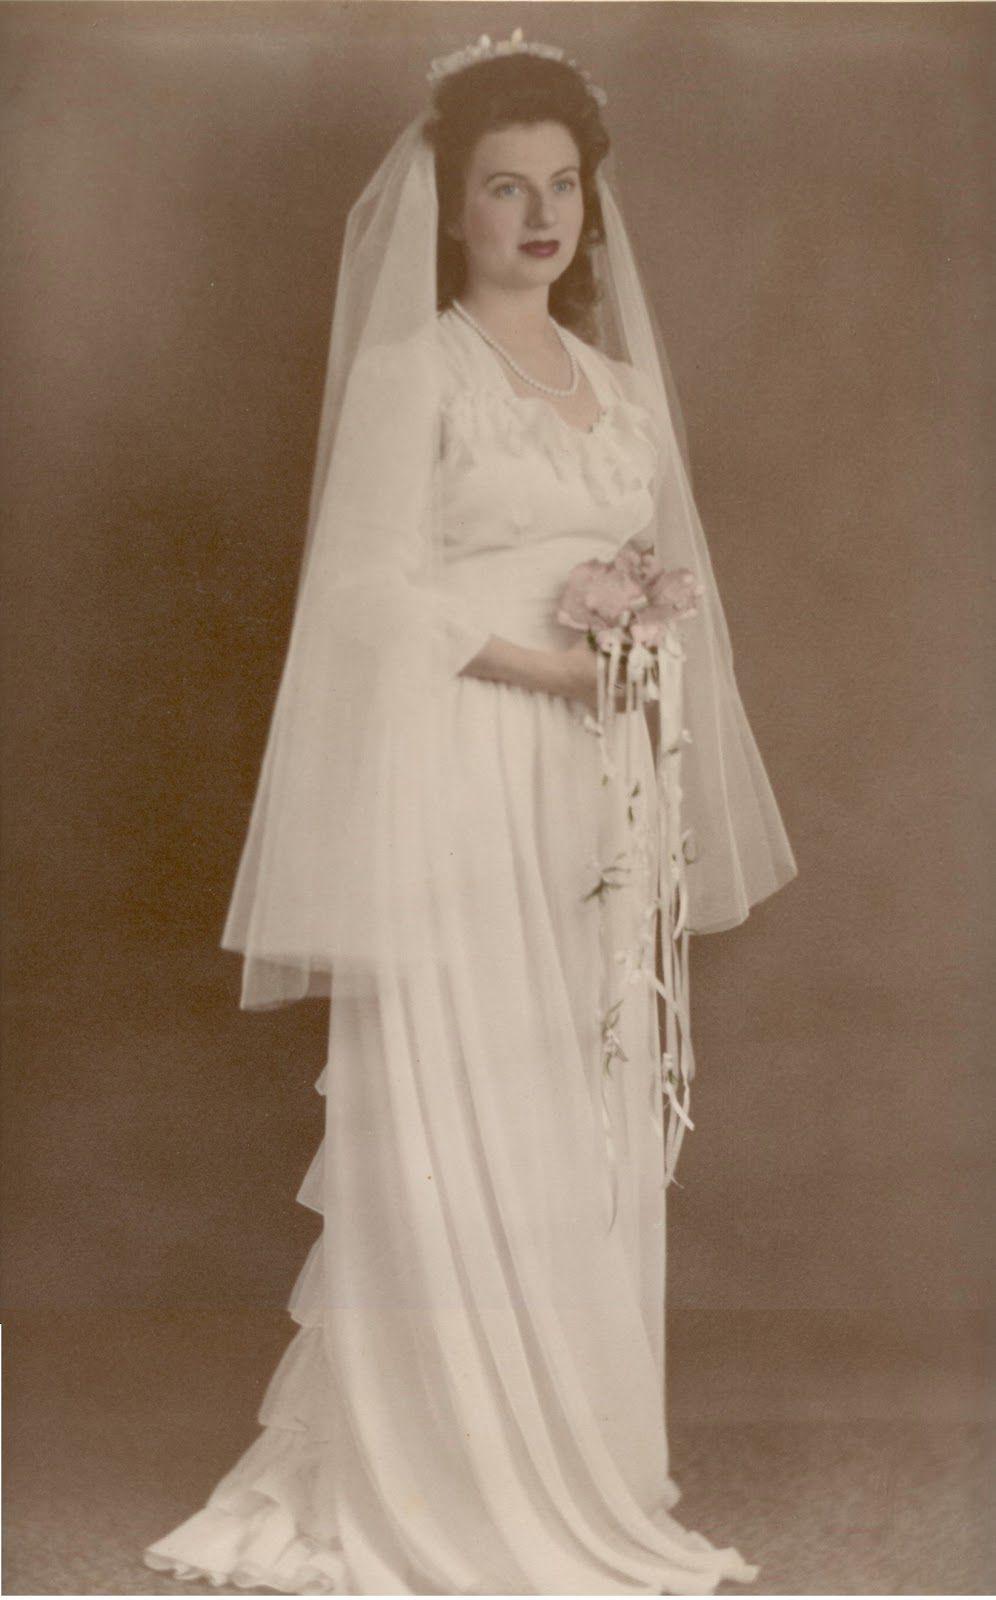 1945 wedding gown. | Wedding Gowns: 1900s | Pinterest